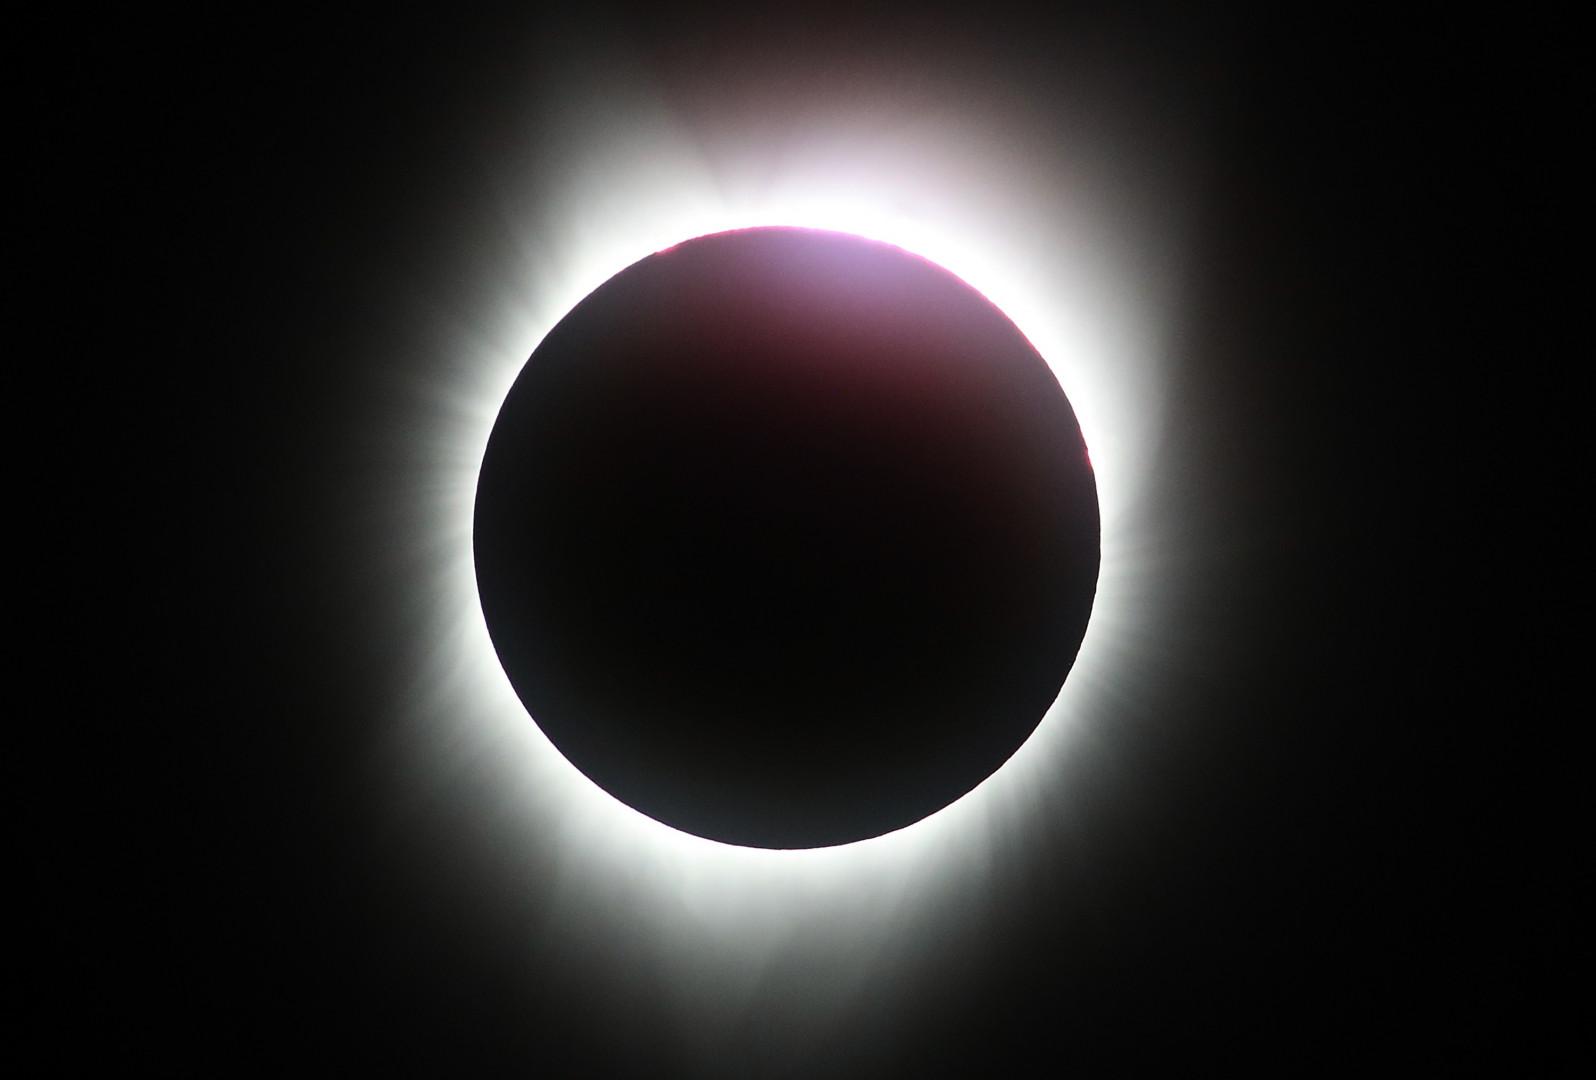 L'éclipse solaire s'est déroulée de 19h à 21h (heure de Paris) sur le continent américain.